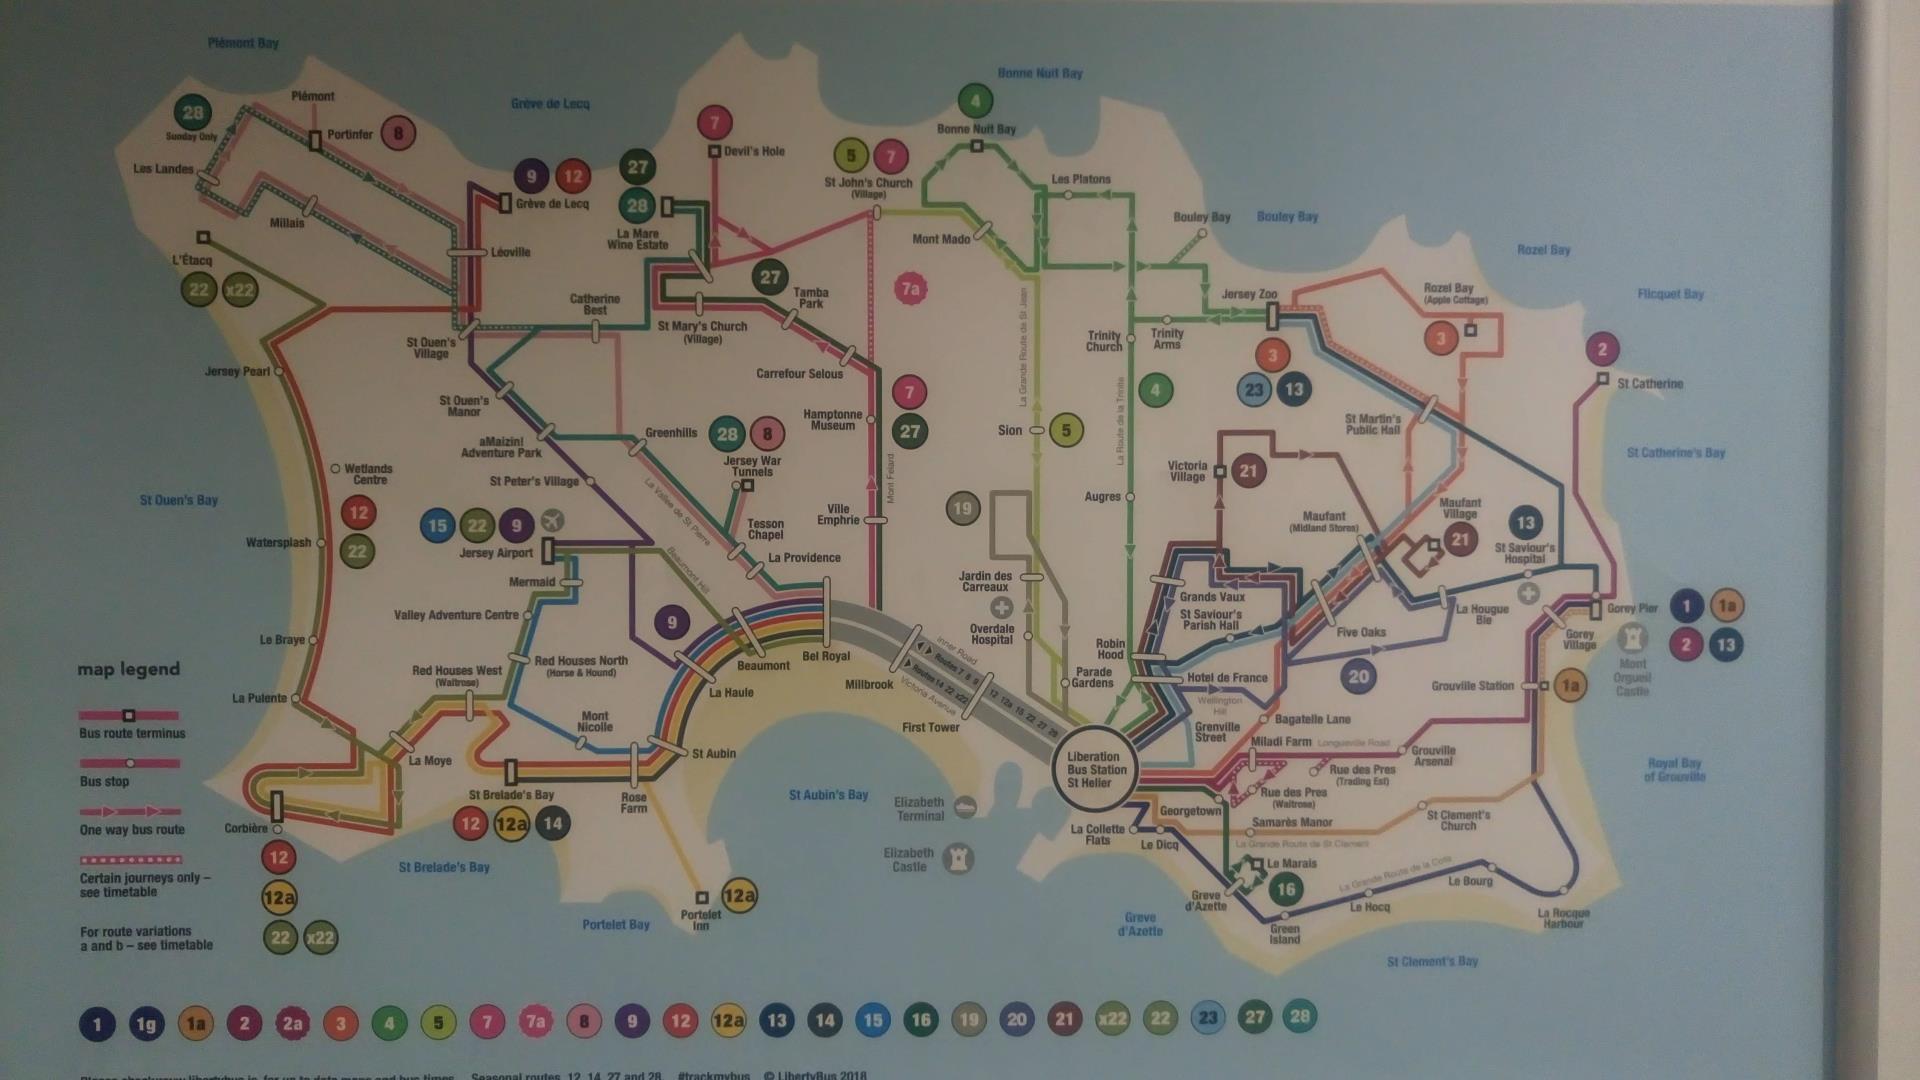 Mappa degli autobus di Jersey